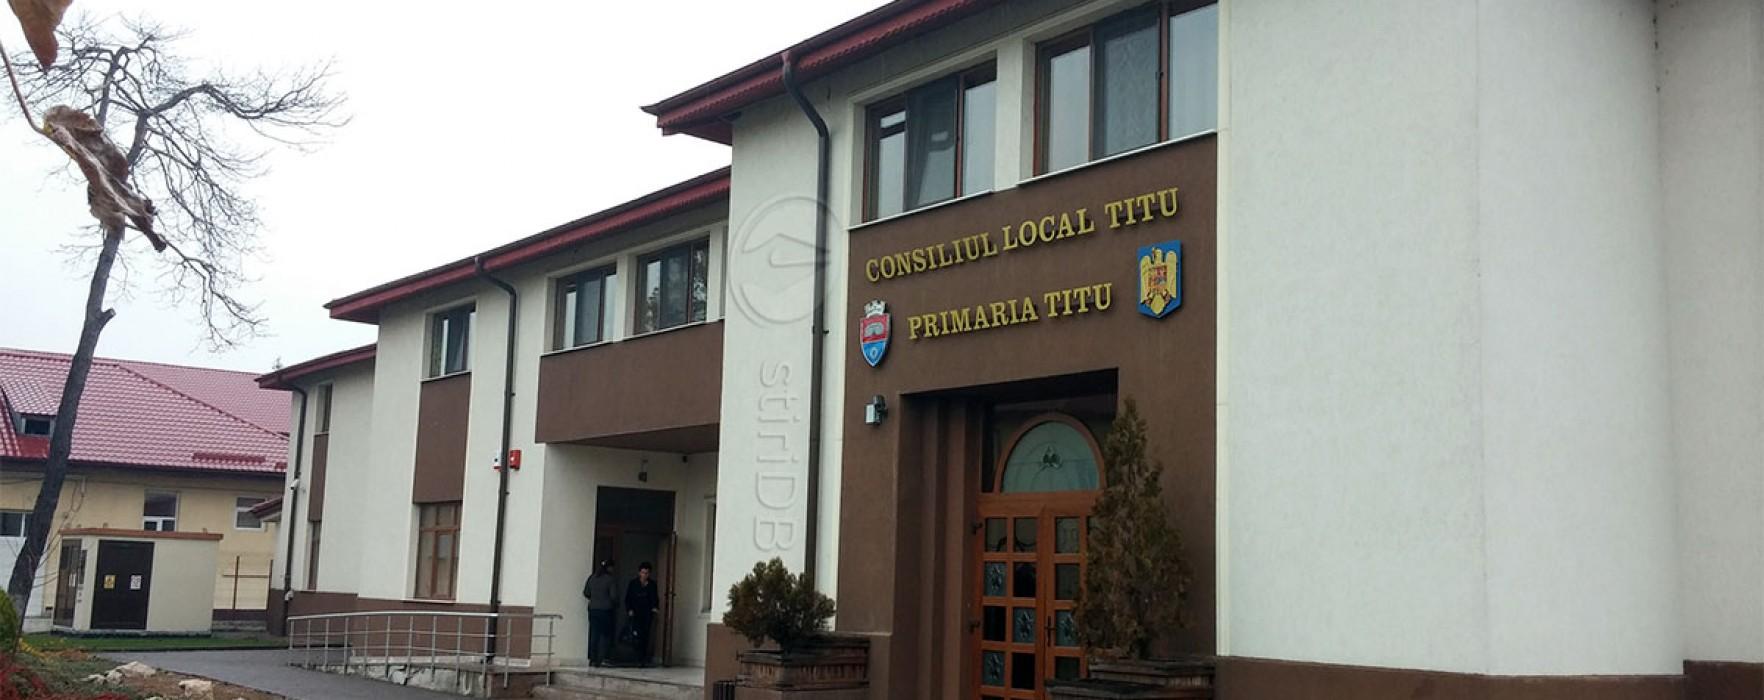 Primăria Titu: Anunţ licitaţiei publică pentru  închiriere spaţiu comercial Piaţa Complex Modern Titu